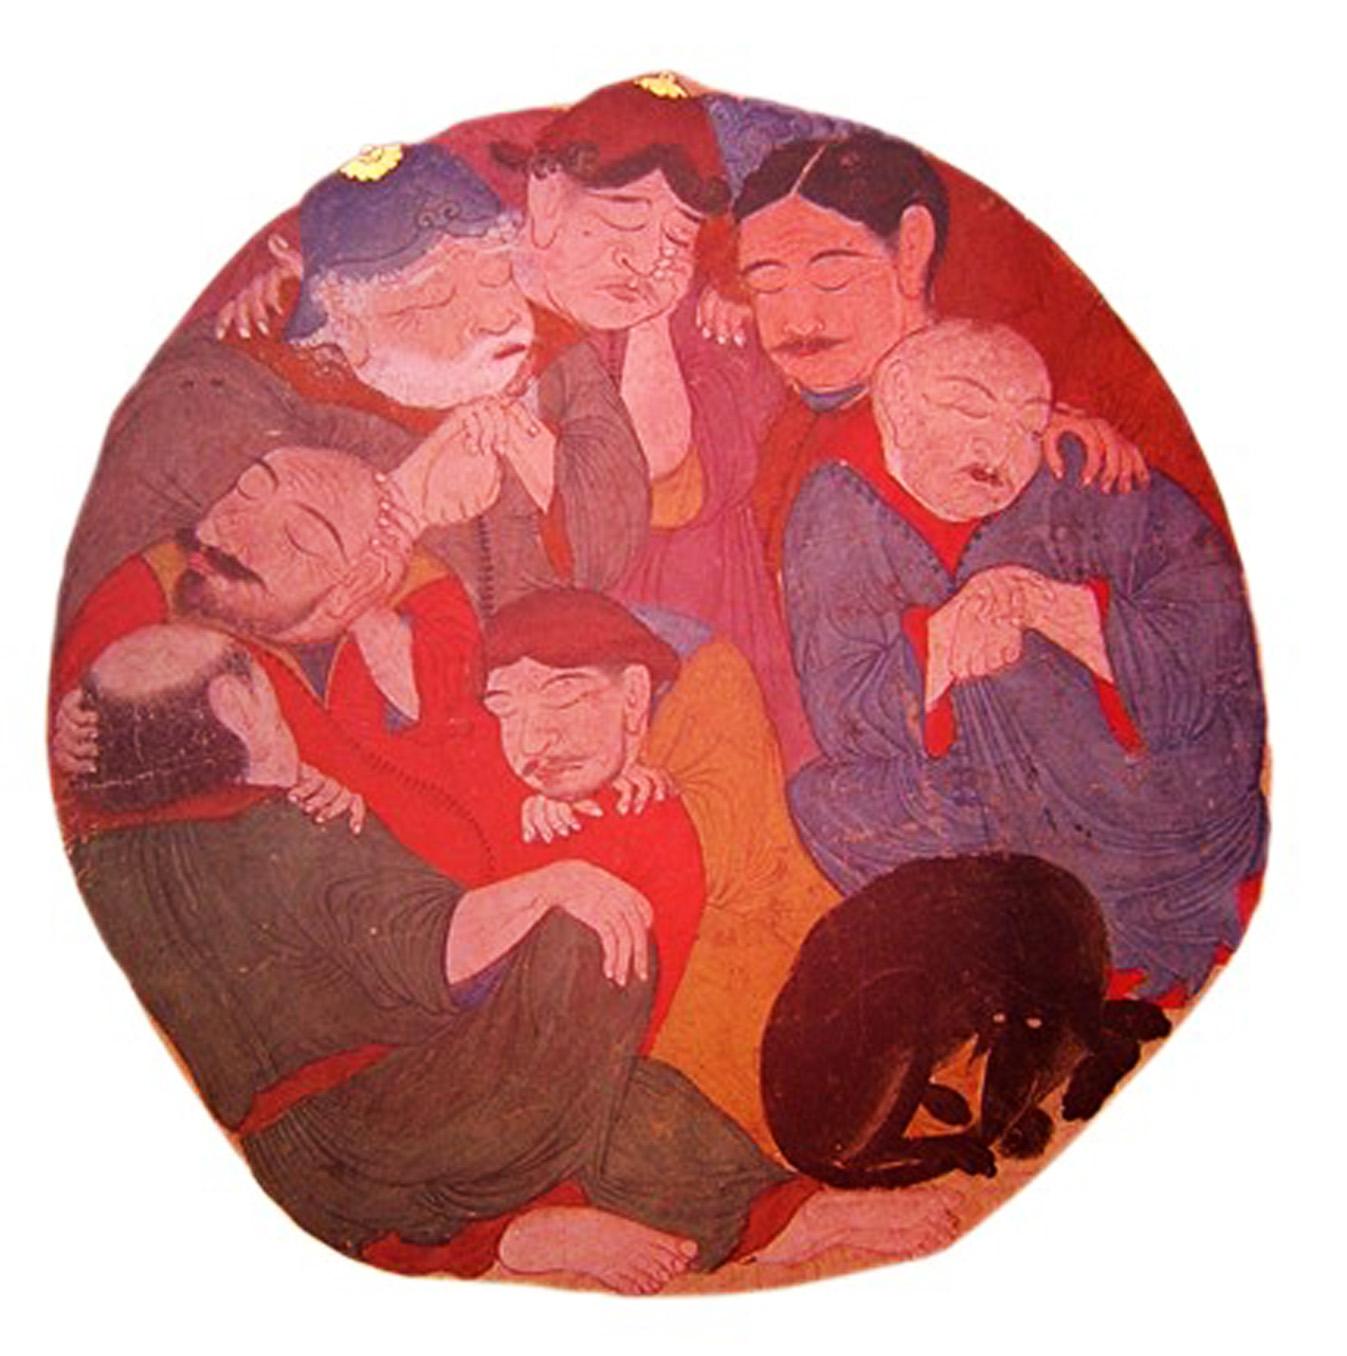 Yakub Beg Albümünden Ashâb-ı Kehf minyatürü. (Muhtemelen Orta Asya, 15. yüzyıl ortaları. Topkapı Sarayı Müzesi Kütüphanesi, H. 2160, v.83a.)